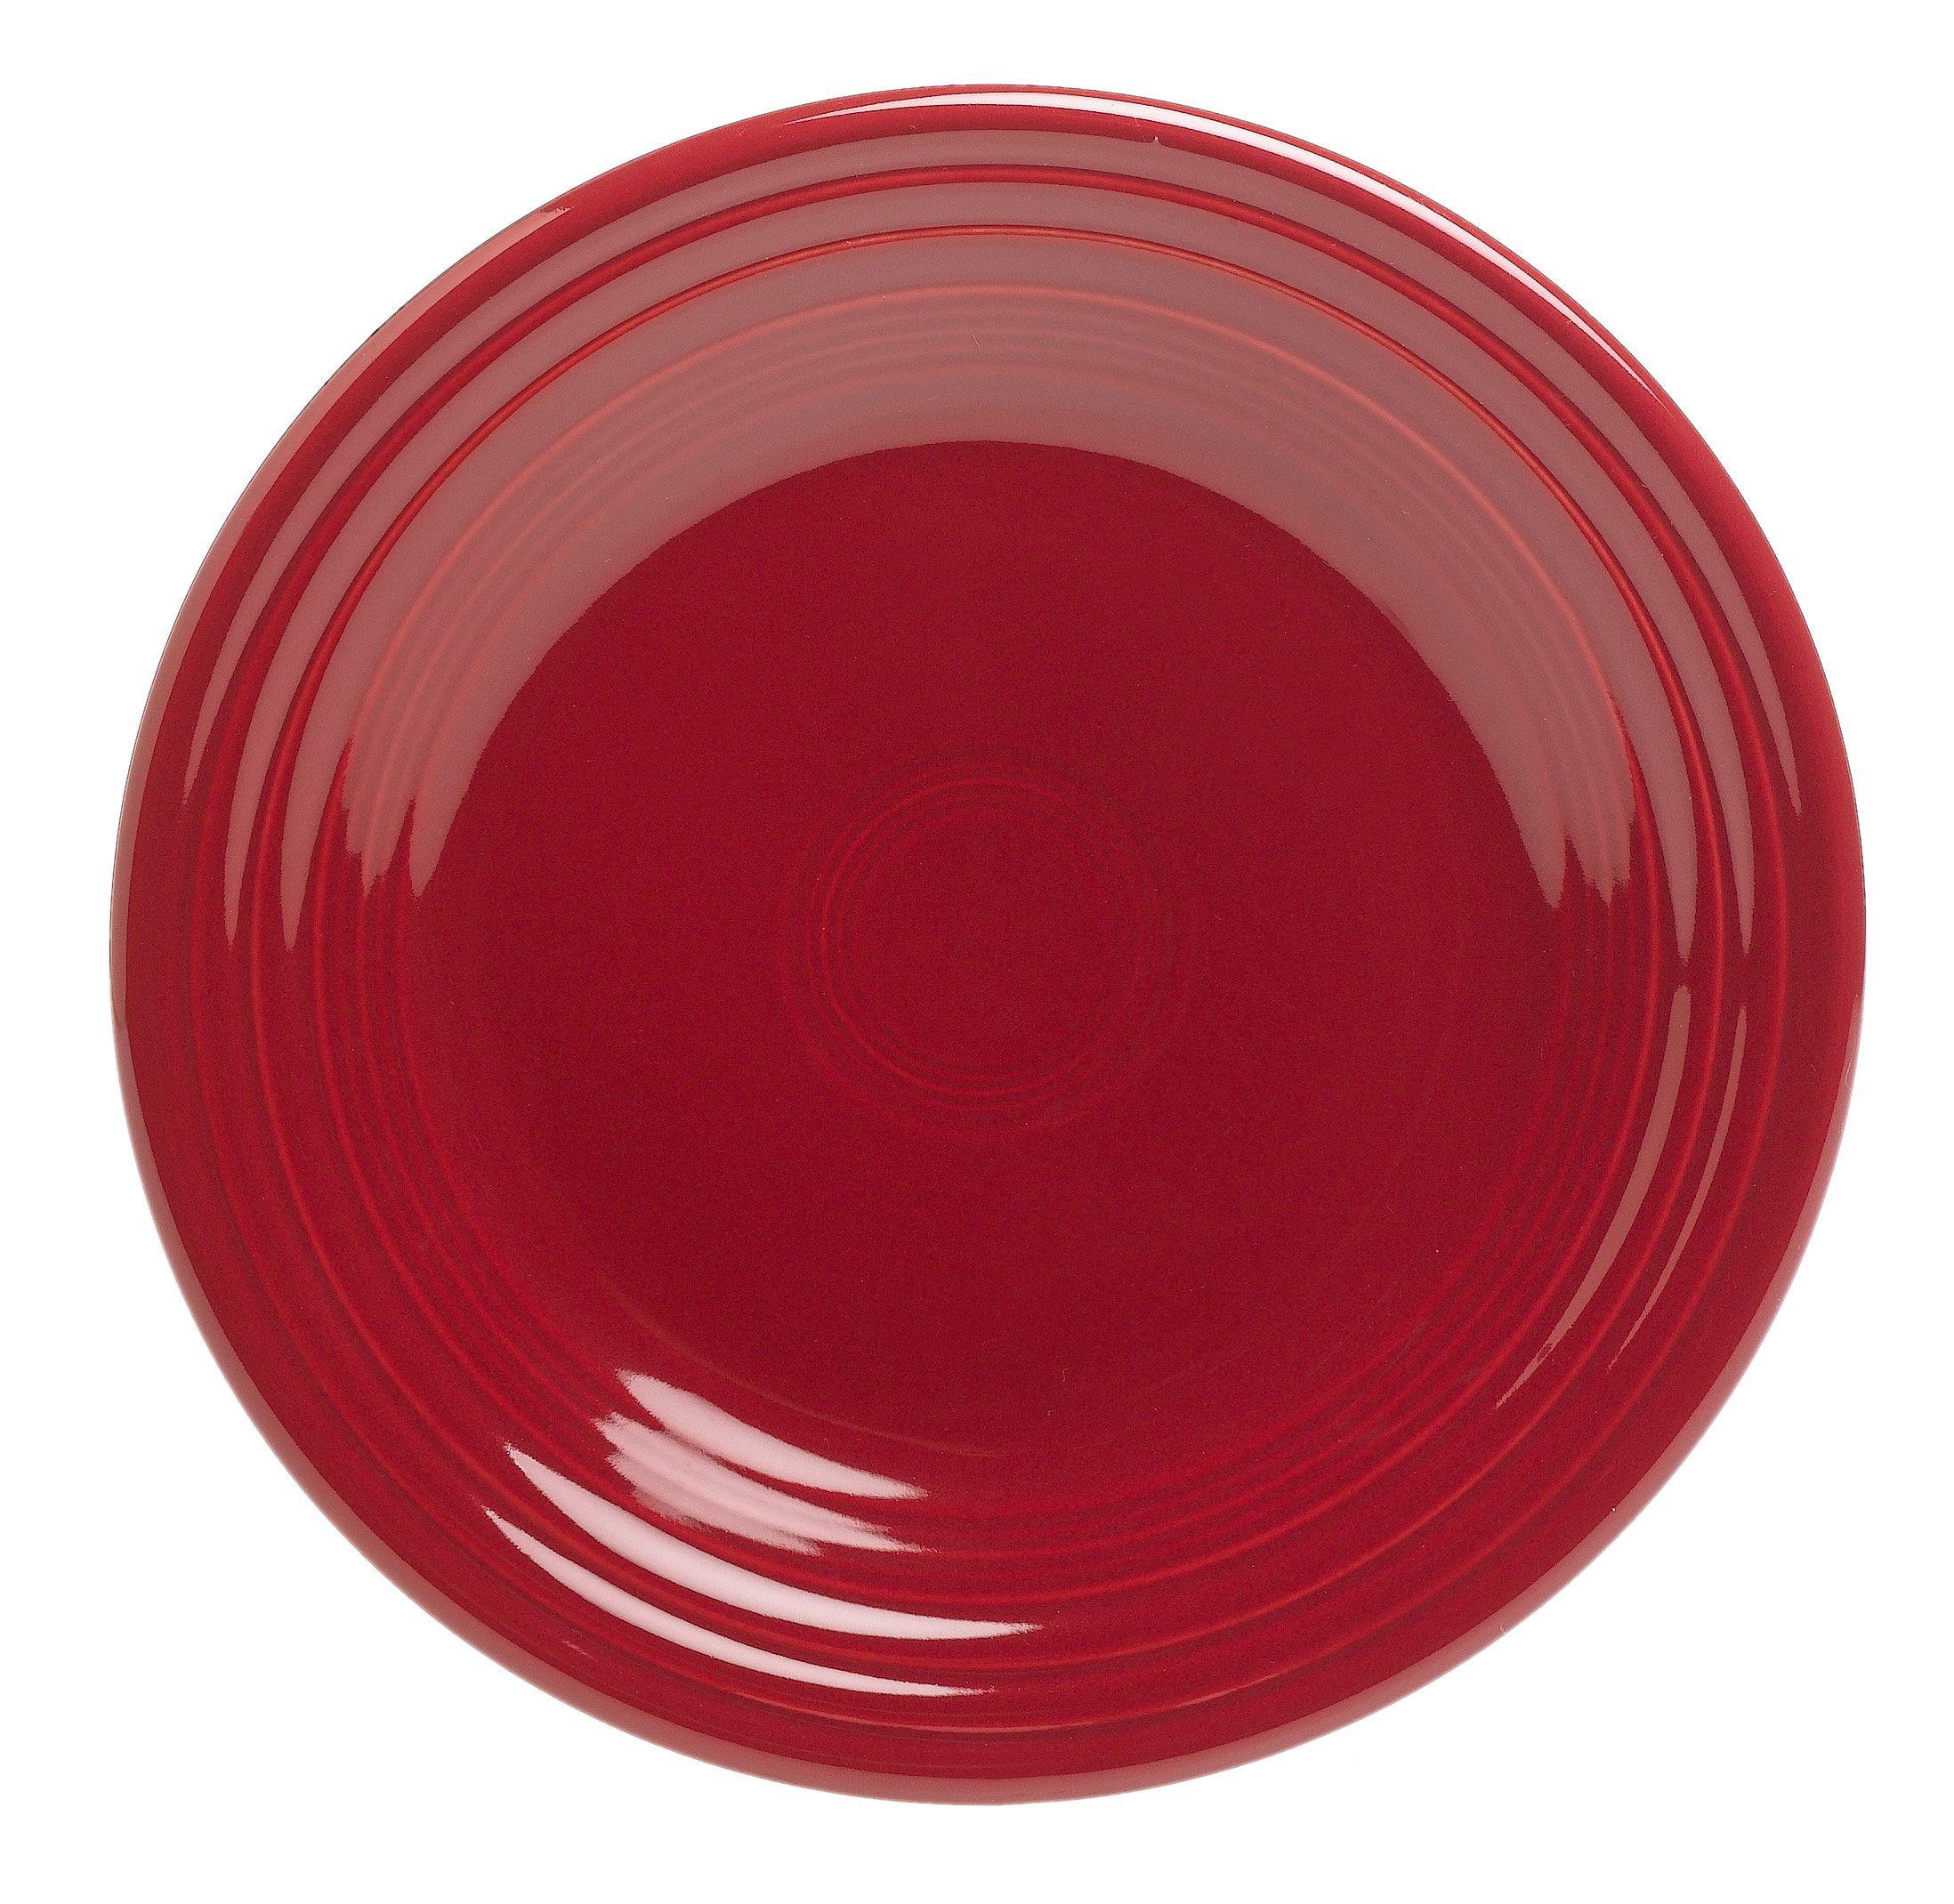 Fiesta 19-Ounce Medium Bowl, Cinnabar